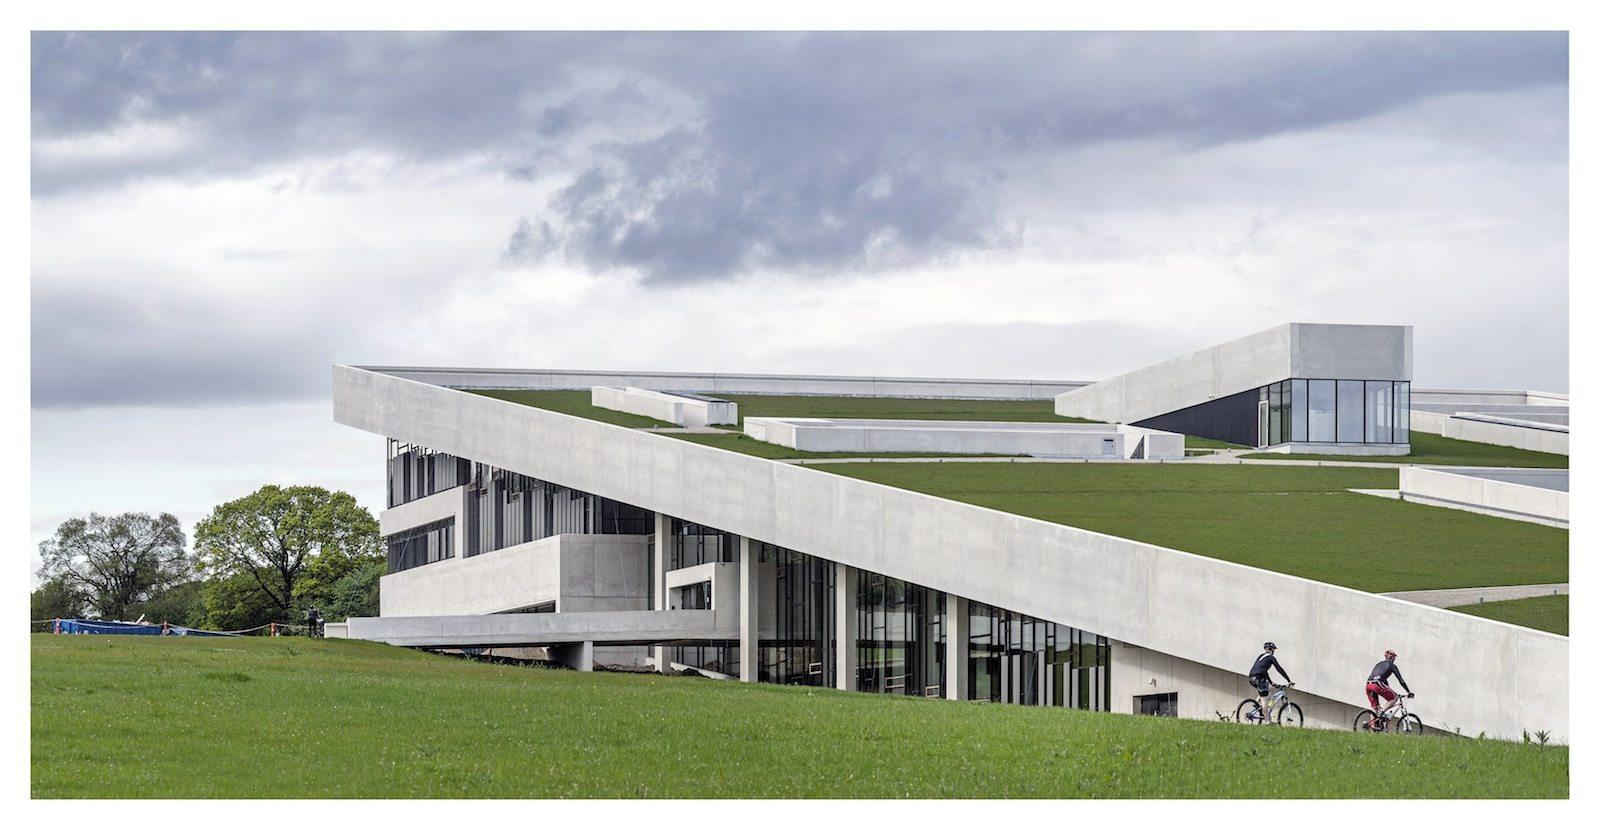 Moesgaard Museum. ... Das Gebäude ist in einen Richtung Süden abfallenden Hang eingelassen und hat ein grasbewachsenes, frei begehbares Pultdach.